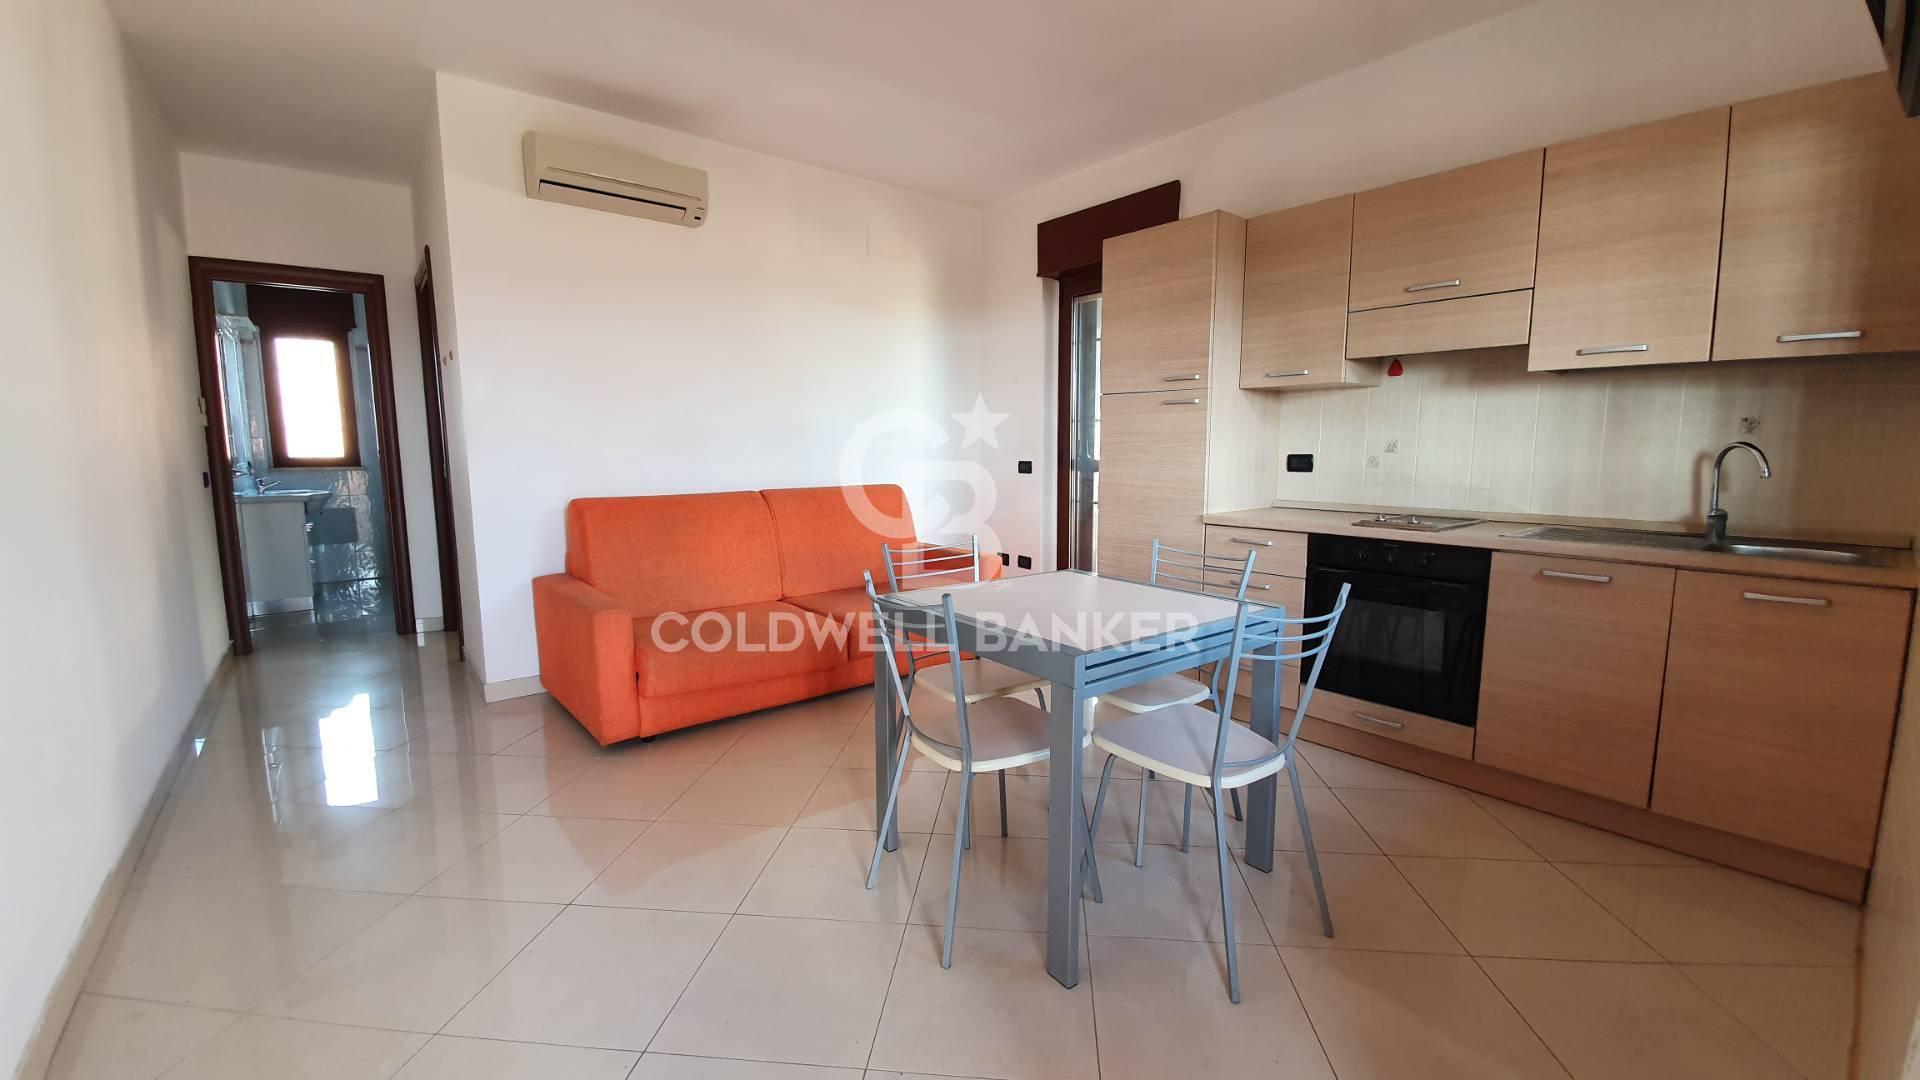 Appartamento in affitto a Pomezia, 2 locali, zona Località: Campobello, prezzo € 500   PortaleAgenzieImmobiliari.it